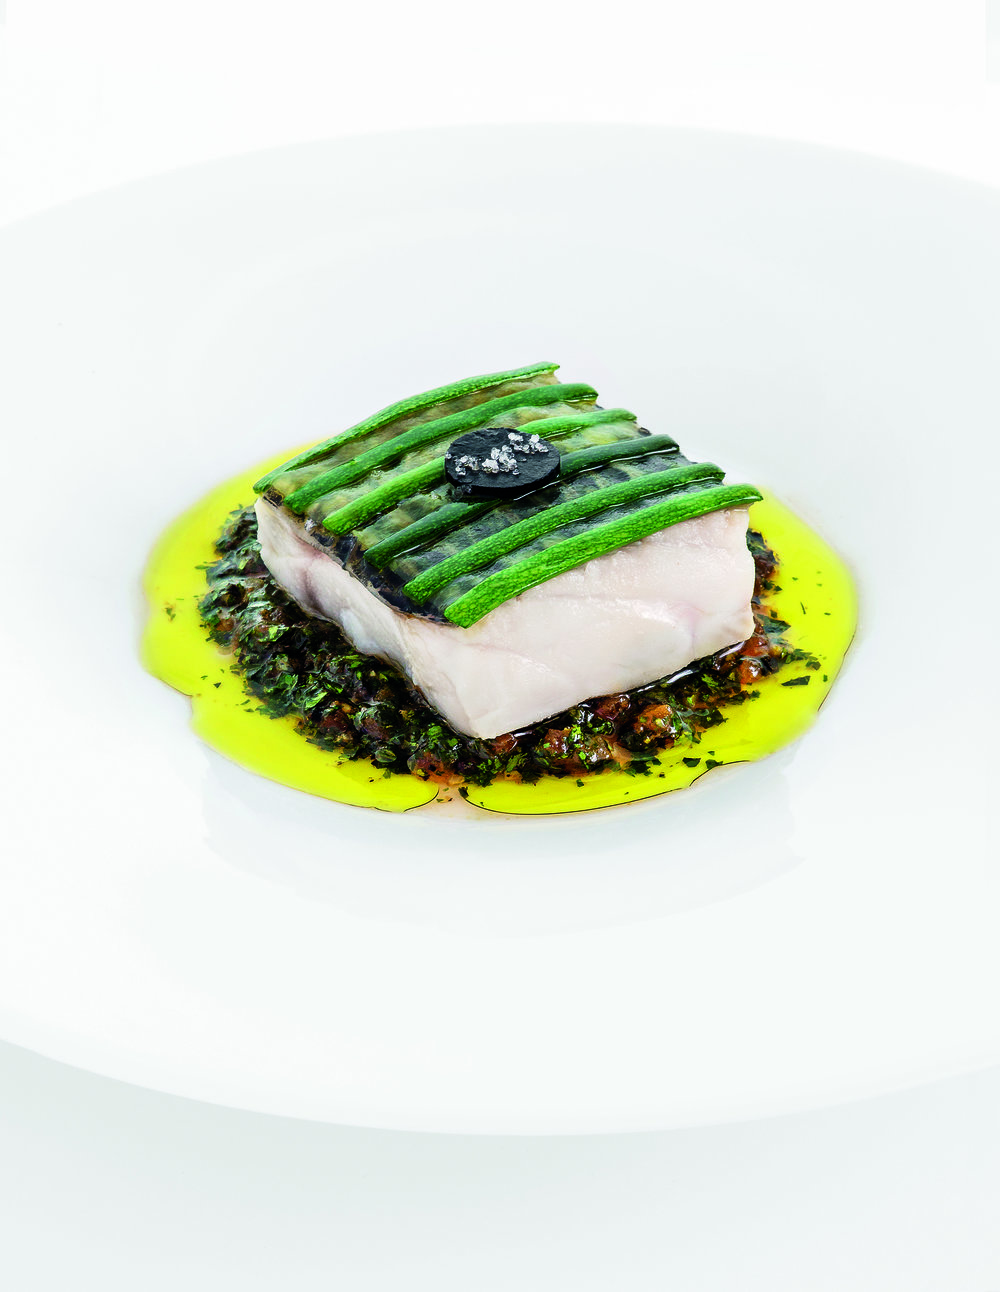 餐廳裏的招牌菜—— Lucie Passédat祖母鱸魚。